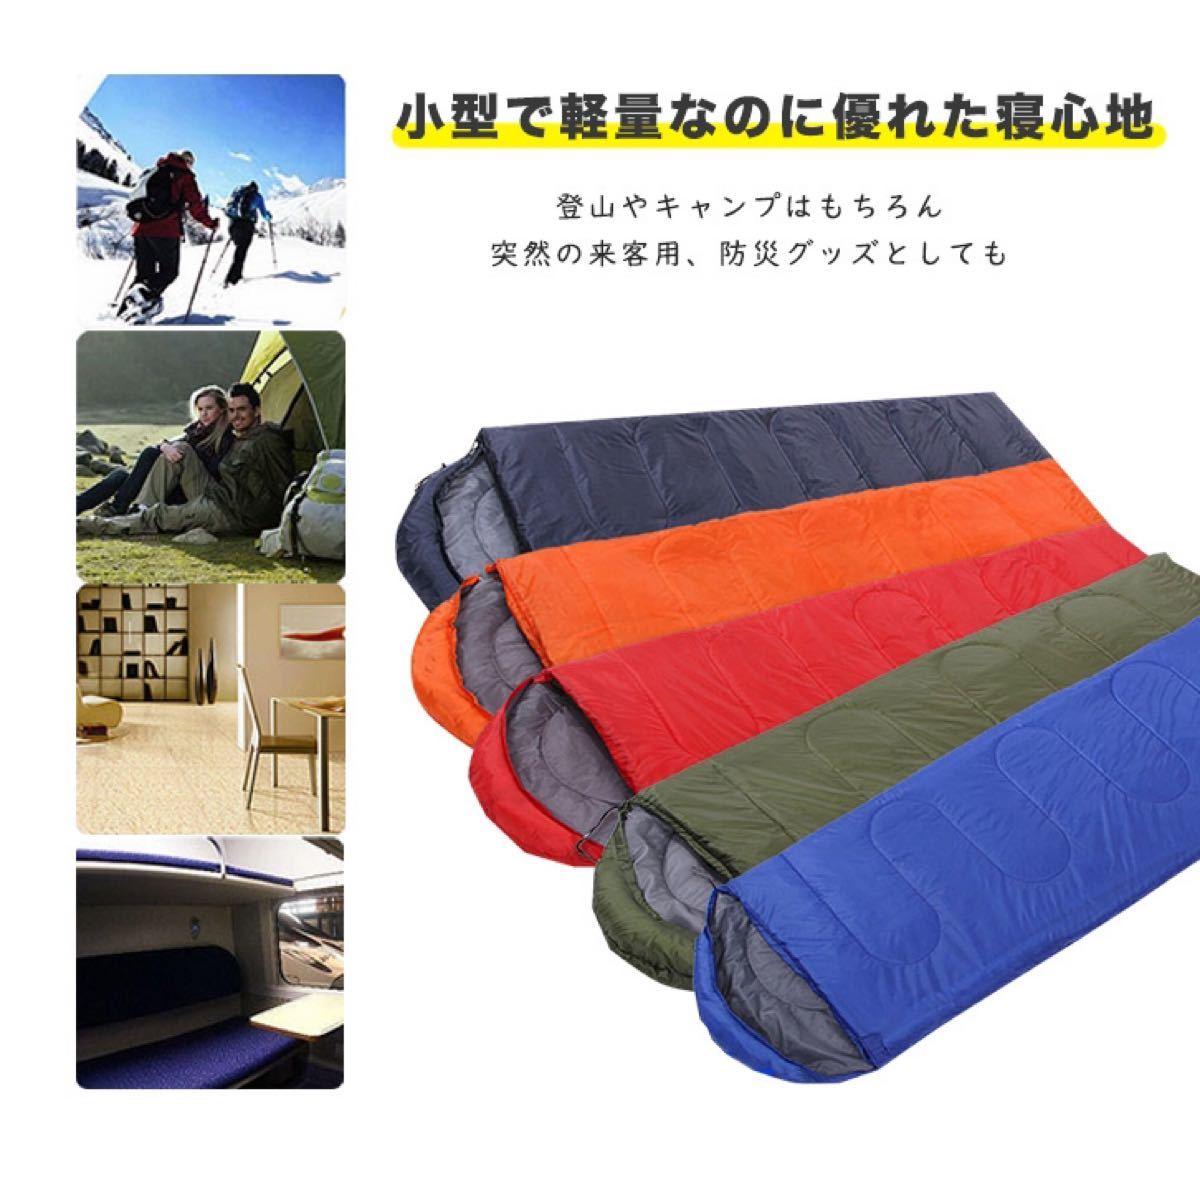 寝袋 シュラフ 封筒型 洗える寝袋 キャンプ用寝具 耐寒温度 冬用 夏用 軽量 コンパクト 登山 キャンプ ツーリング